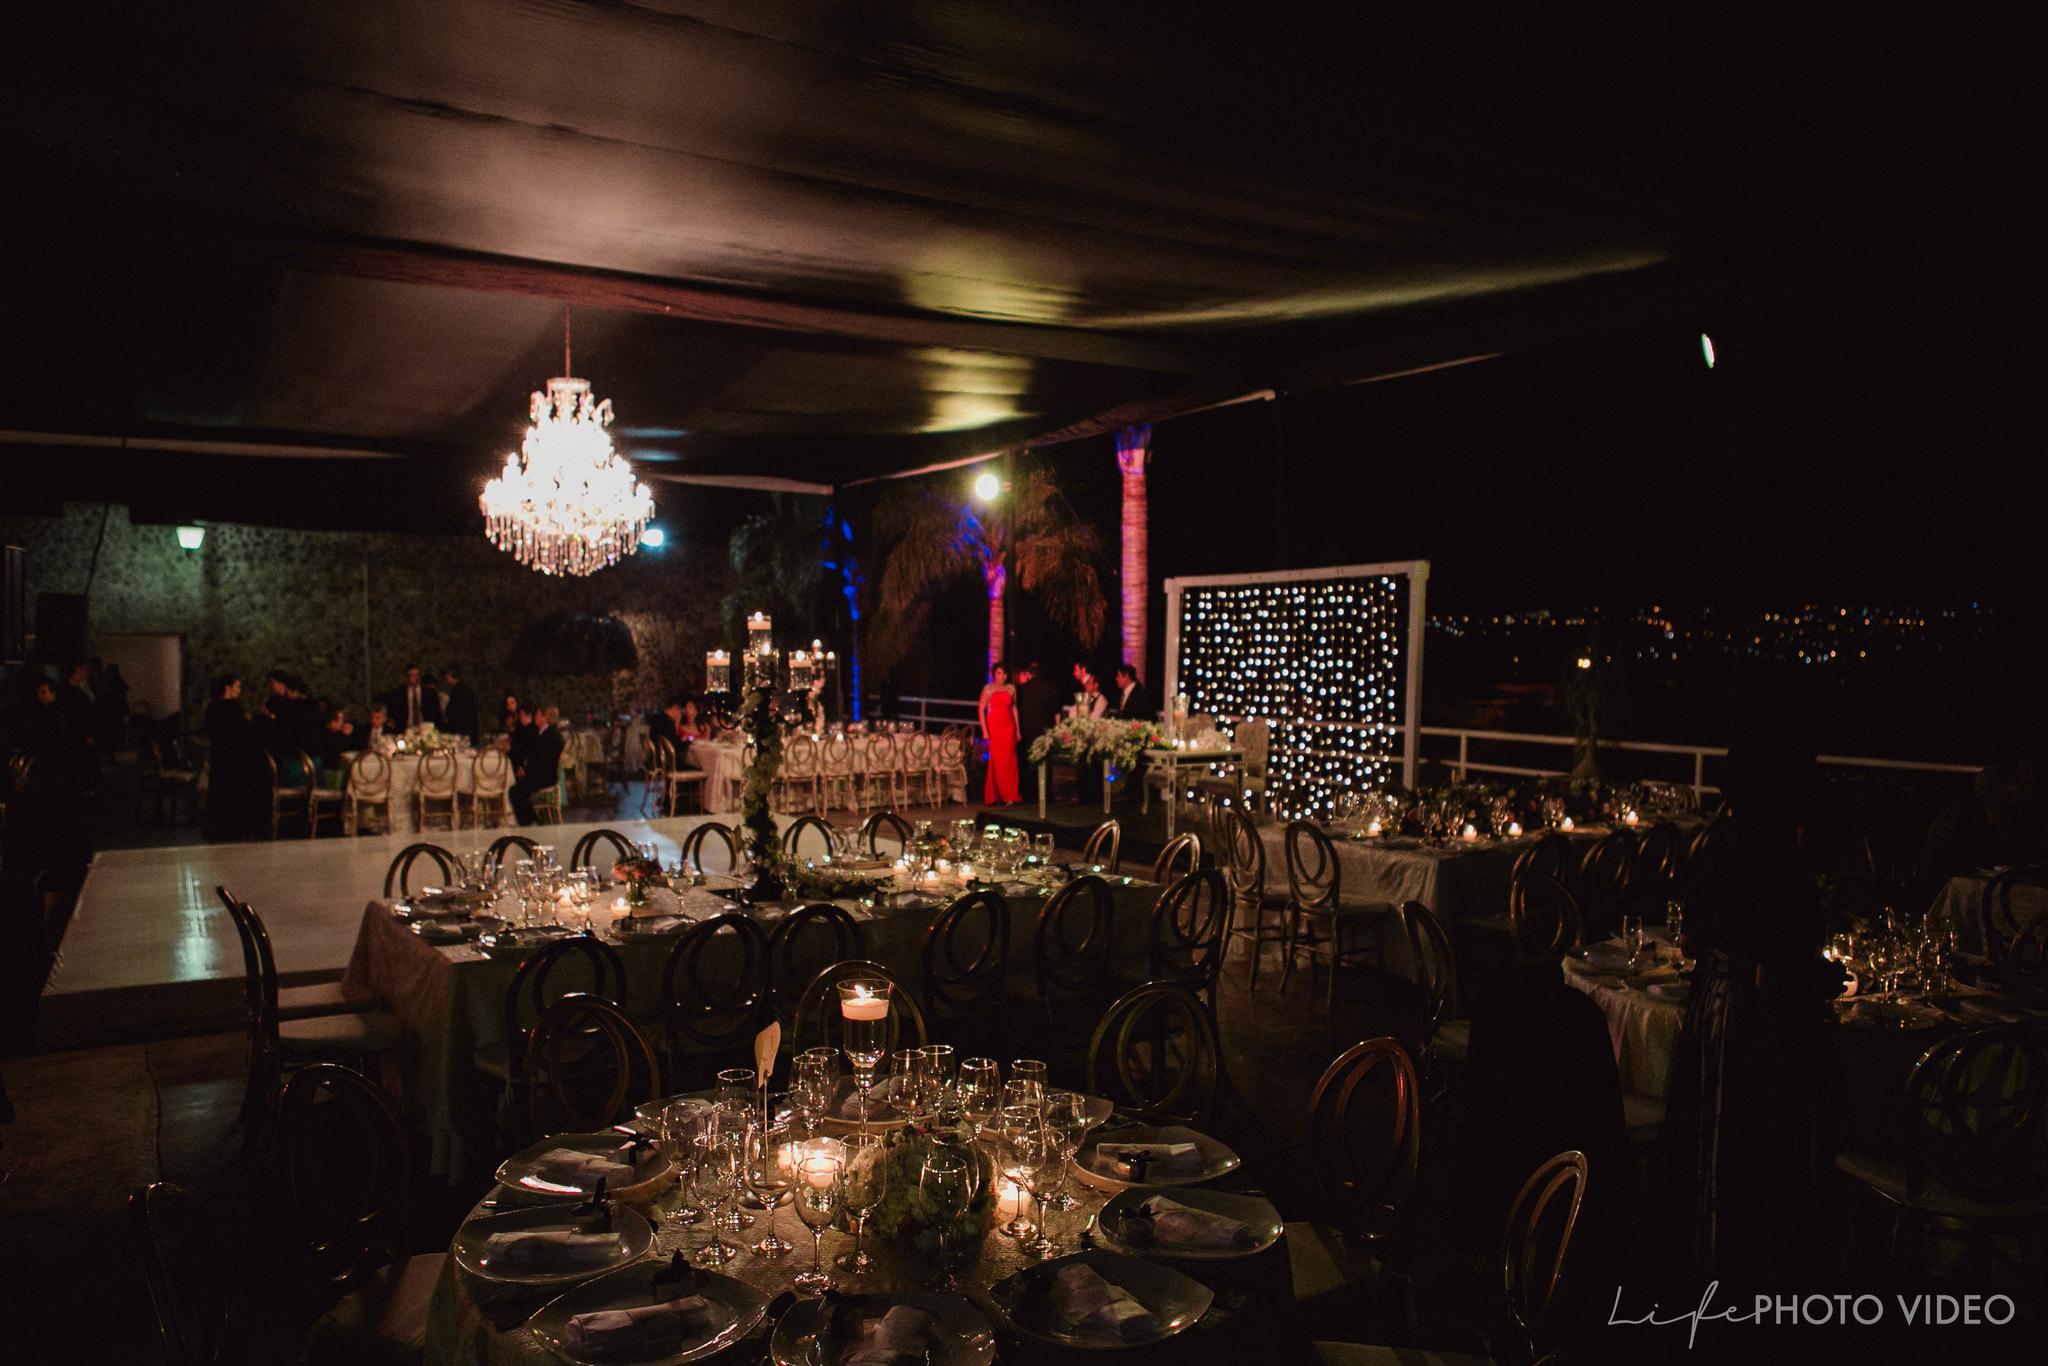 Boda_LeonGto_Wedding_LifePhotoVideo_0049.jpg